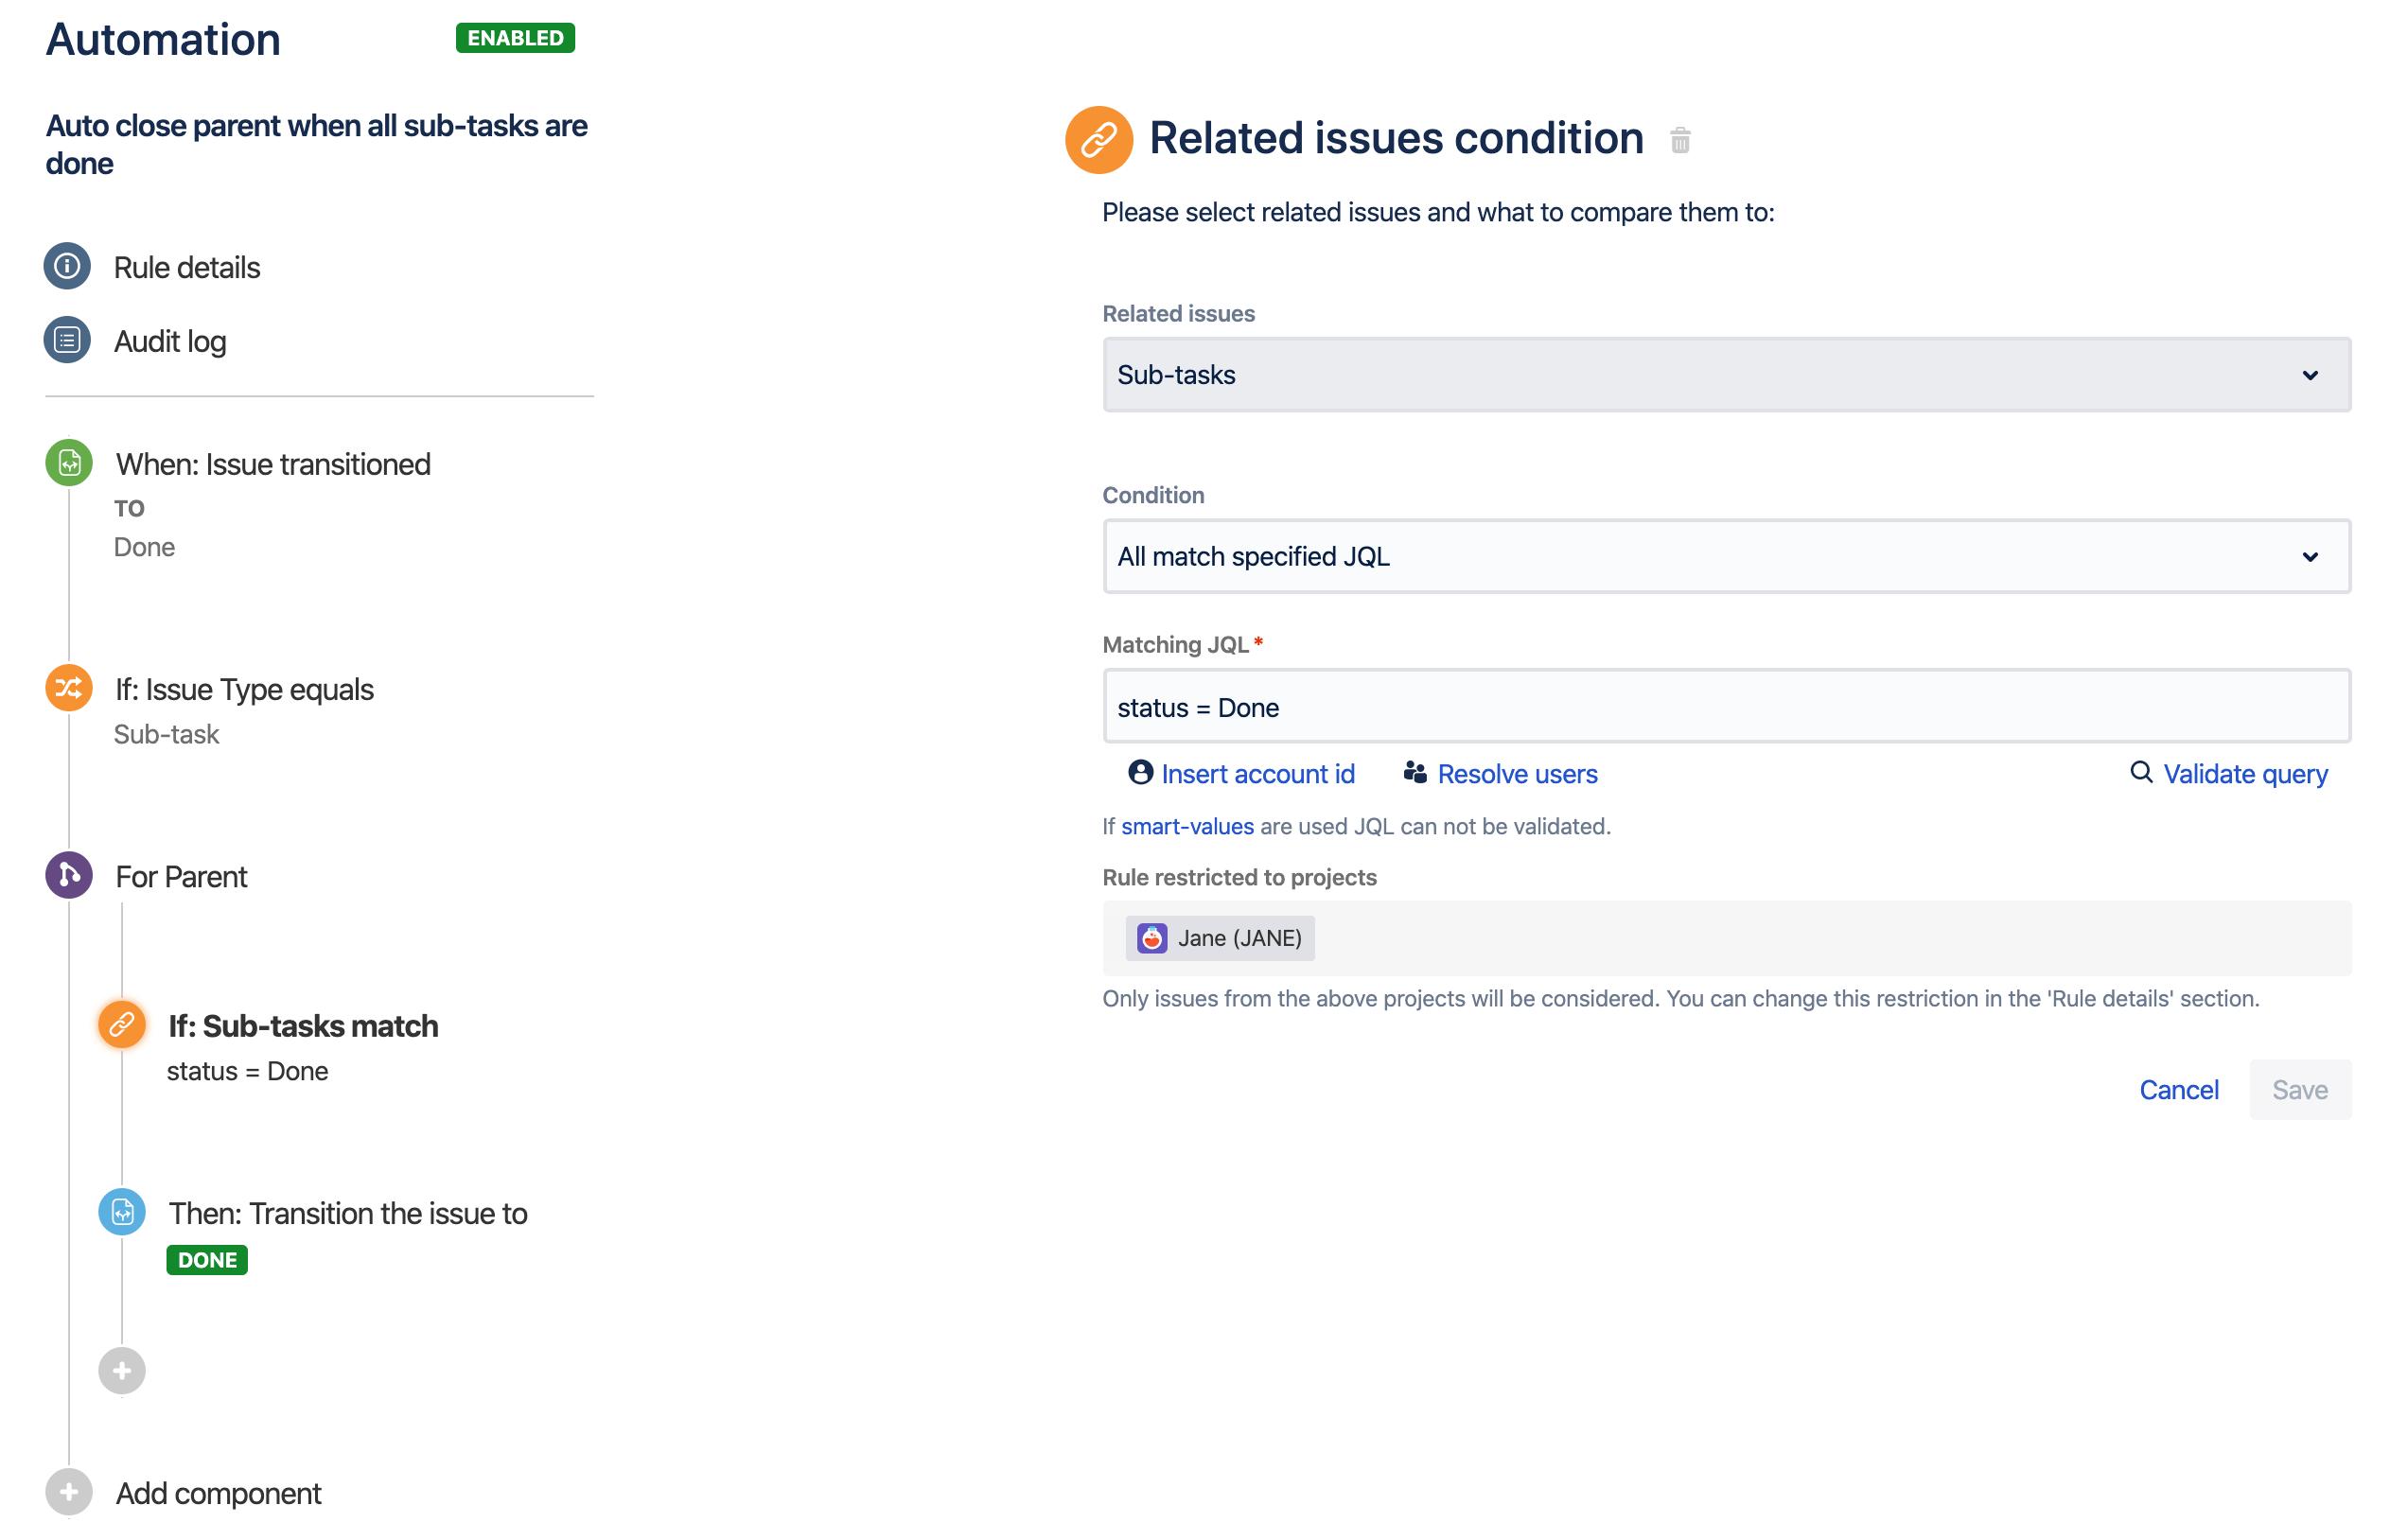 Exemple de générateur de règles, présentant une règle pour modifier l'état d'un ticket parent lorsque vous résolvez sa sous-tâche, s'il n'y a pas de sous-tâche supplémentaire non résolue.